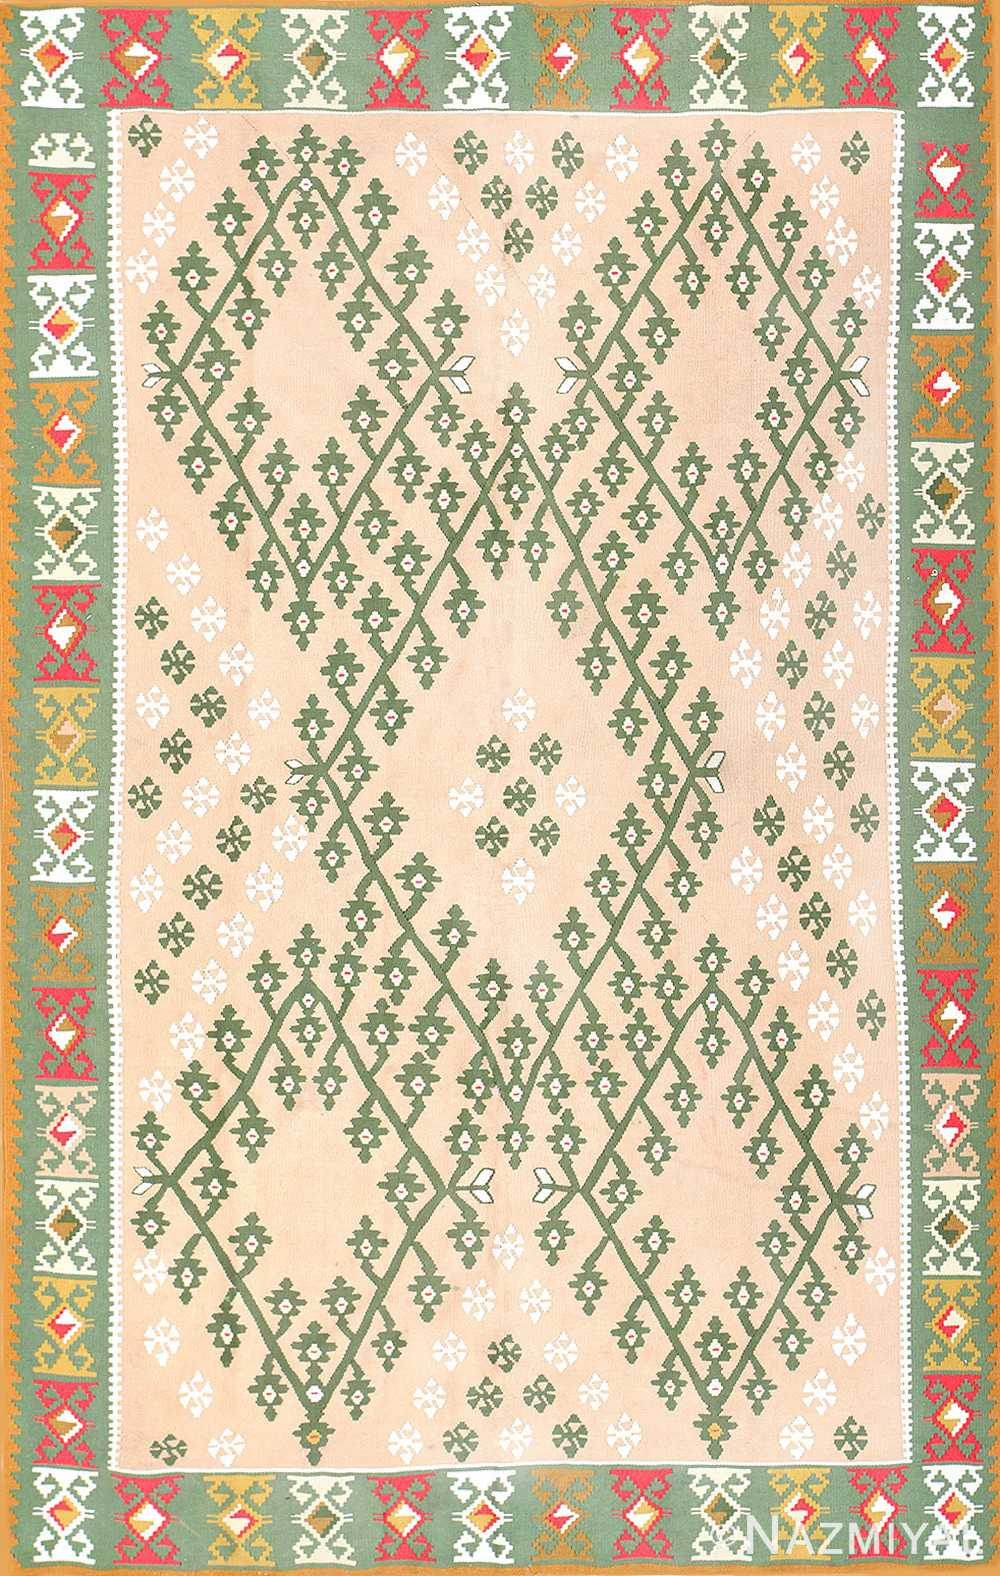 Festive Geometric Turkish Kilim Carpet 50432 Nazmiyal